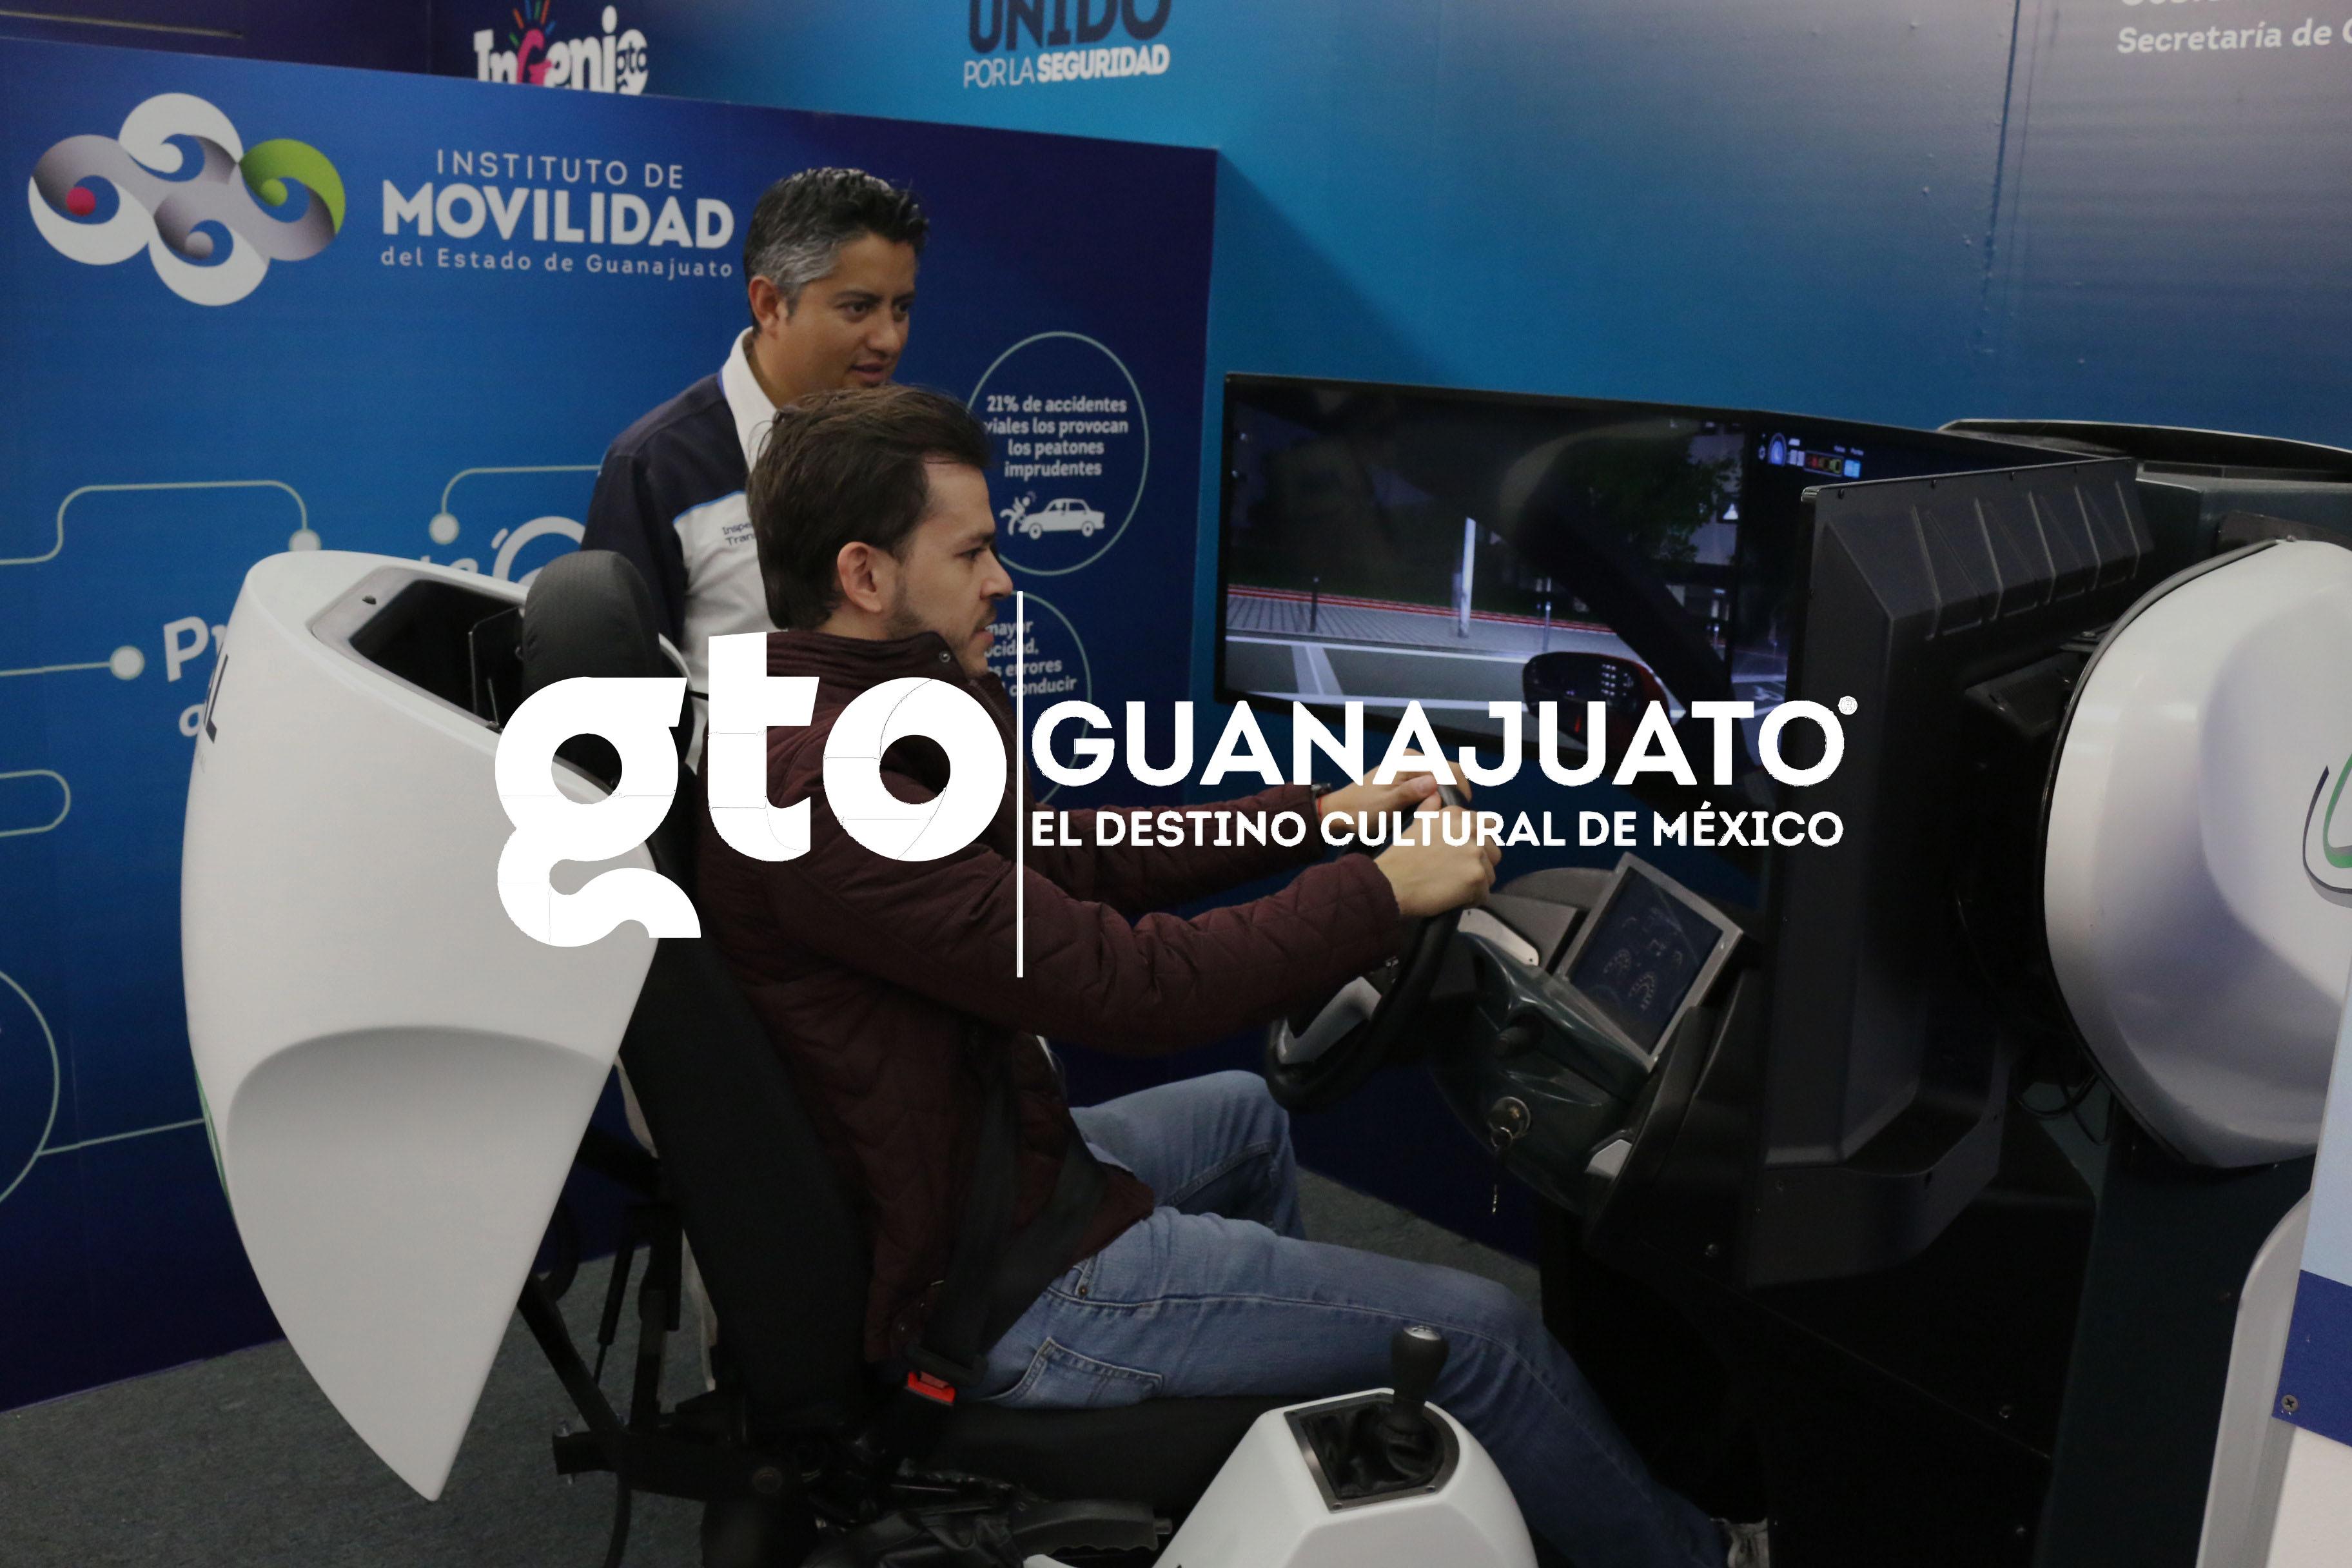 simulador-para-examen-de-licencia-de-conducir-en-guanajuato